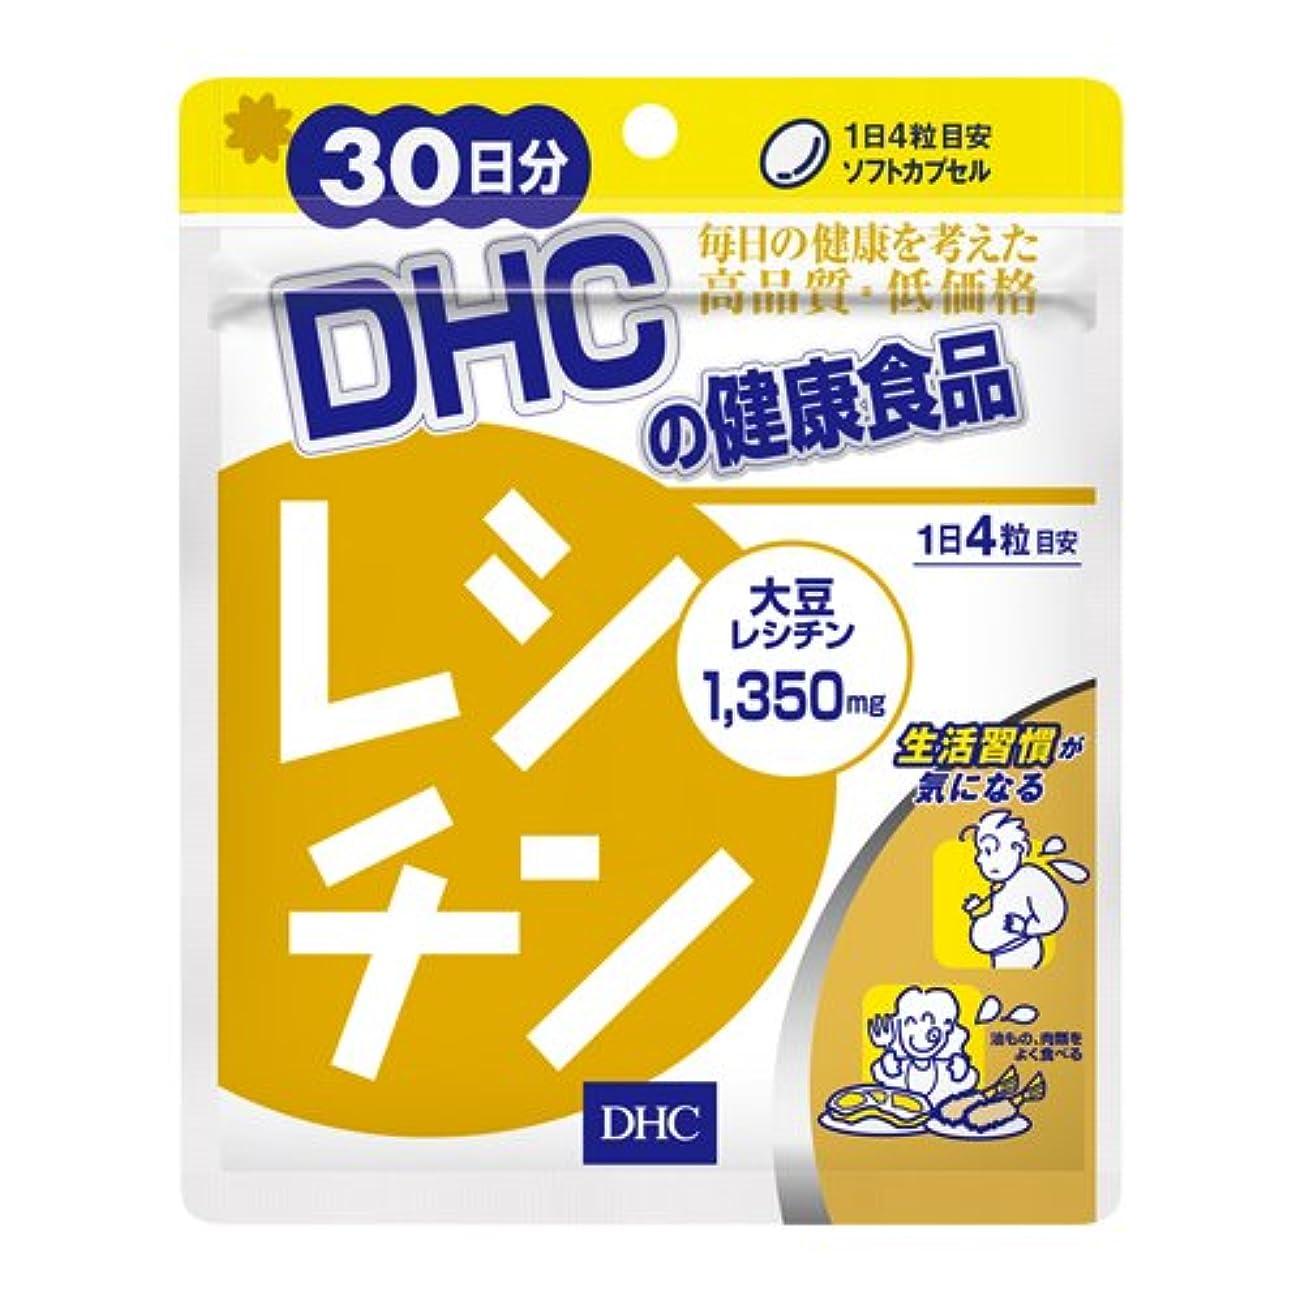 膨らませる気まぐれな教育するDHC レシチン 30日分